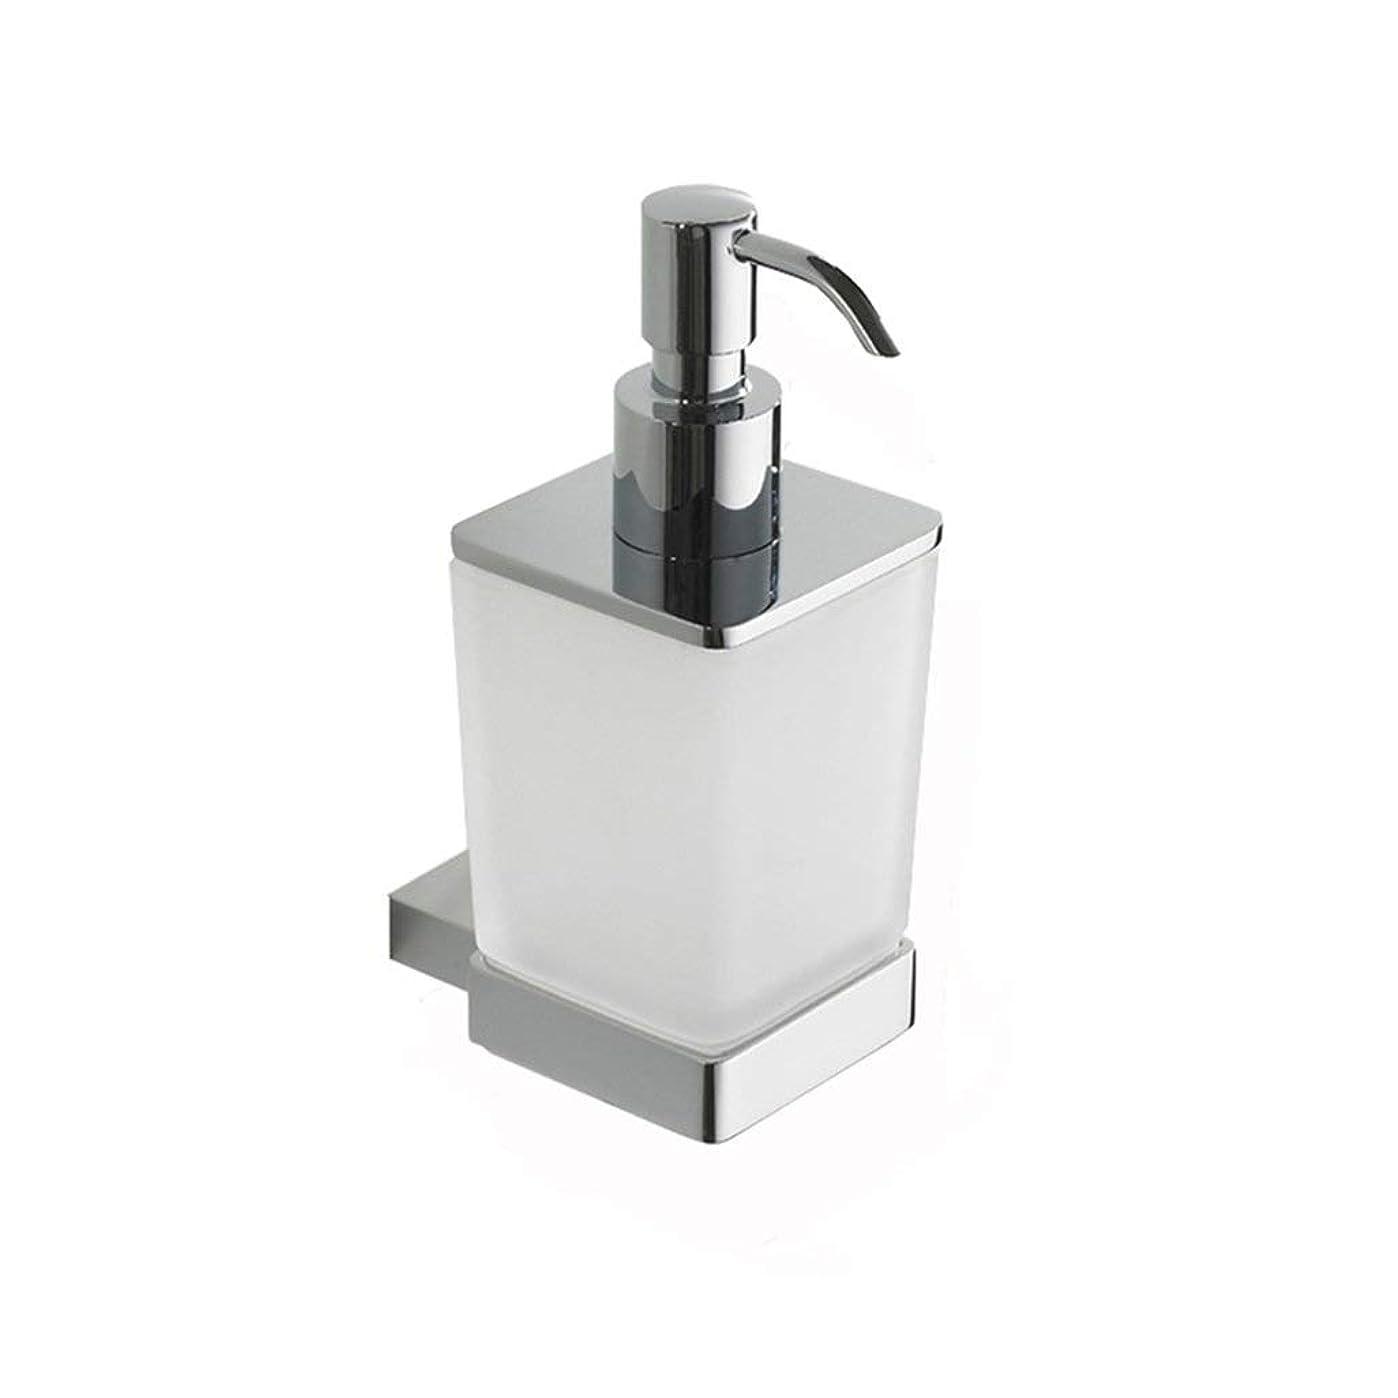 苗無意識コンパイルKylinssh 、浴室のための金属の詰め替え式液体手の石鹸ディスペンサーポンプボトル - 安い、ディスカウント価格また手の消毒剤及び精油のために使用することができます